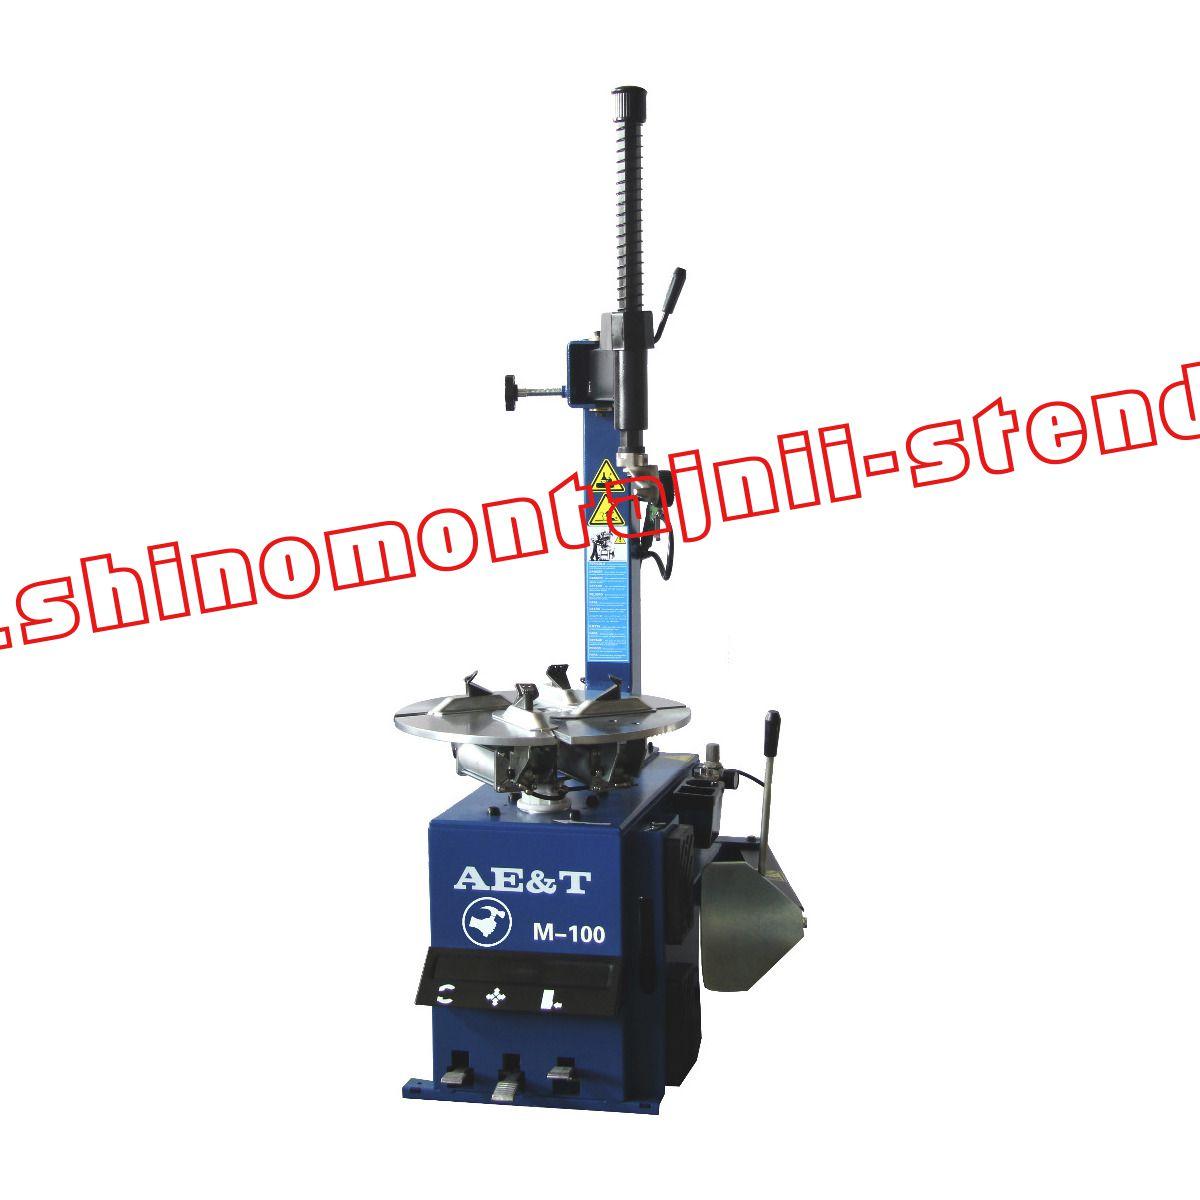 Полуавтоматический шиномонтажный стенд AET М-100 (850)